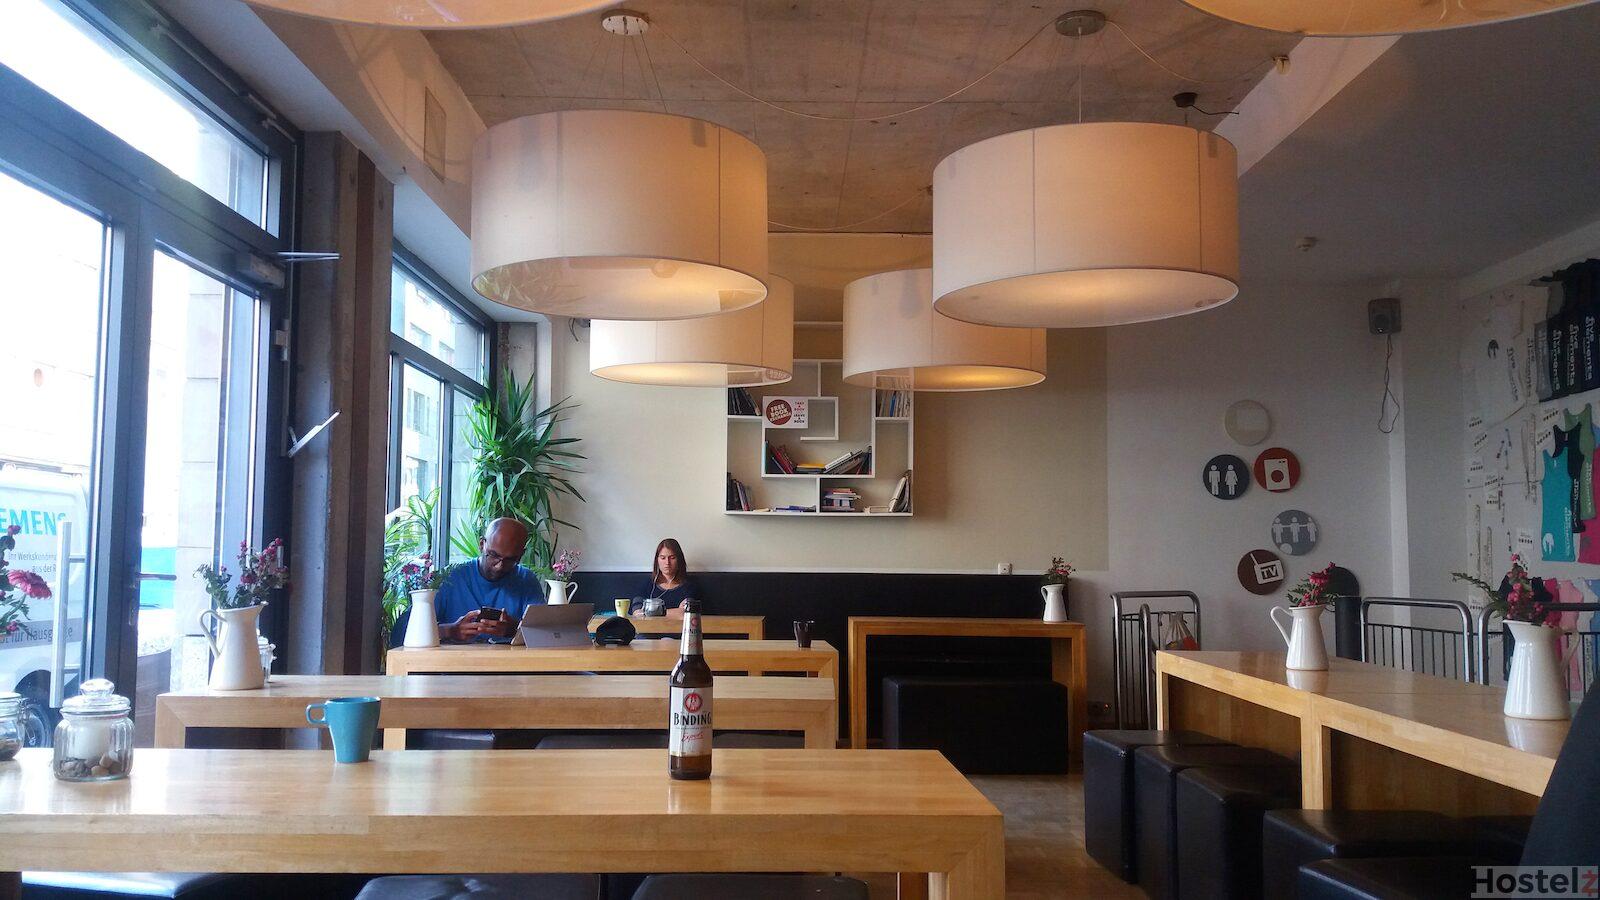 five elements hostel frankfurt frankfurt germany reviews. Black Bedroom Furniture Sets. Home Design Ideas